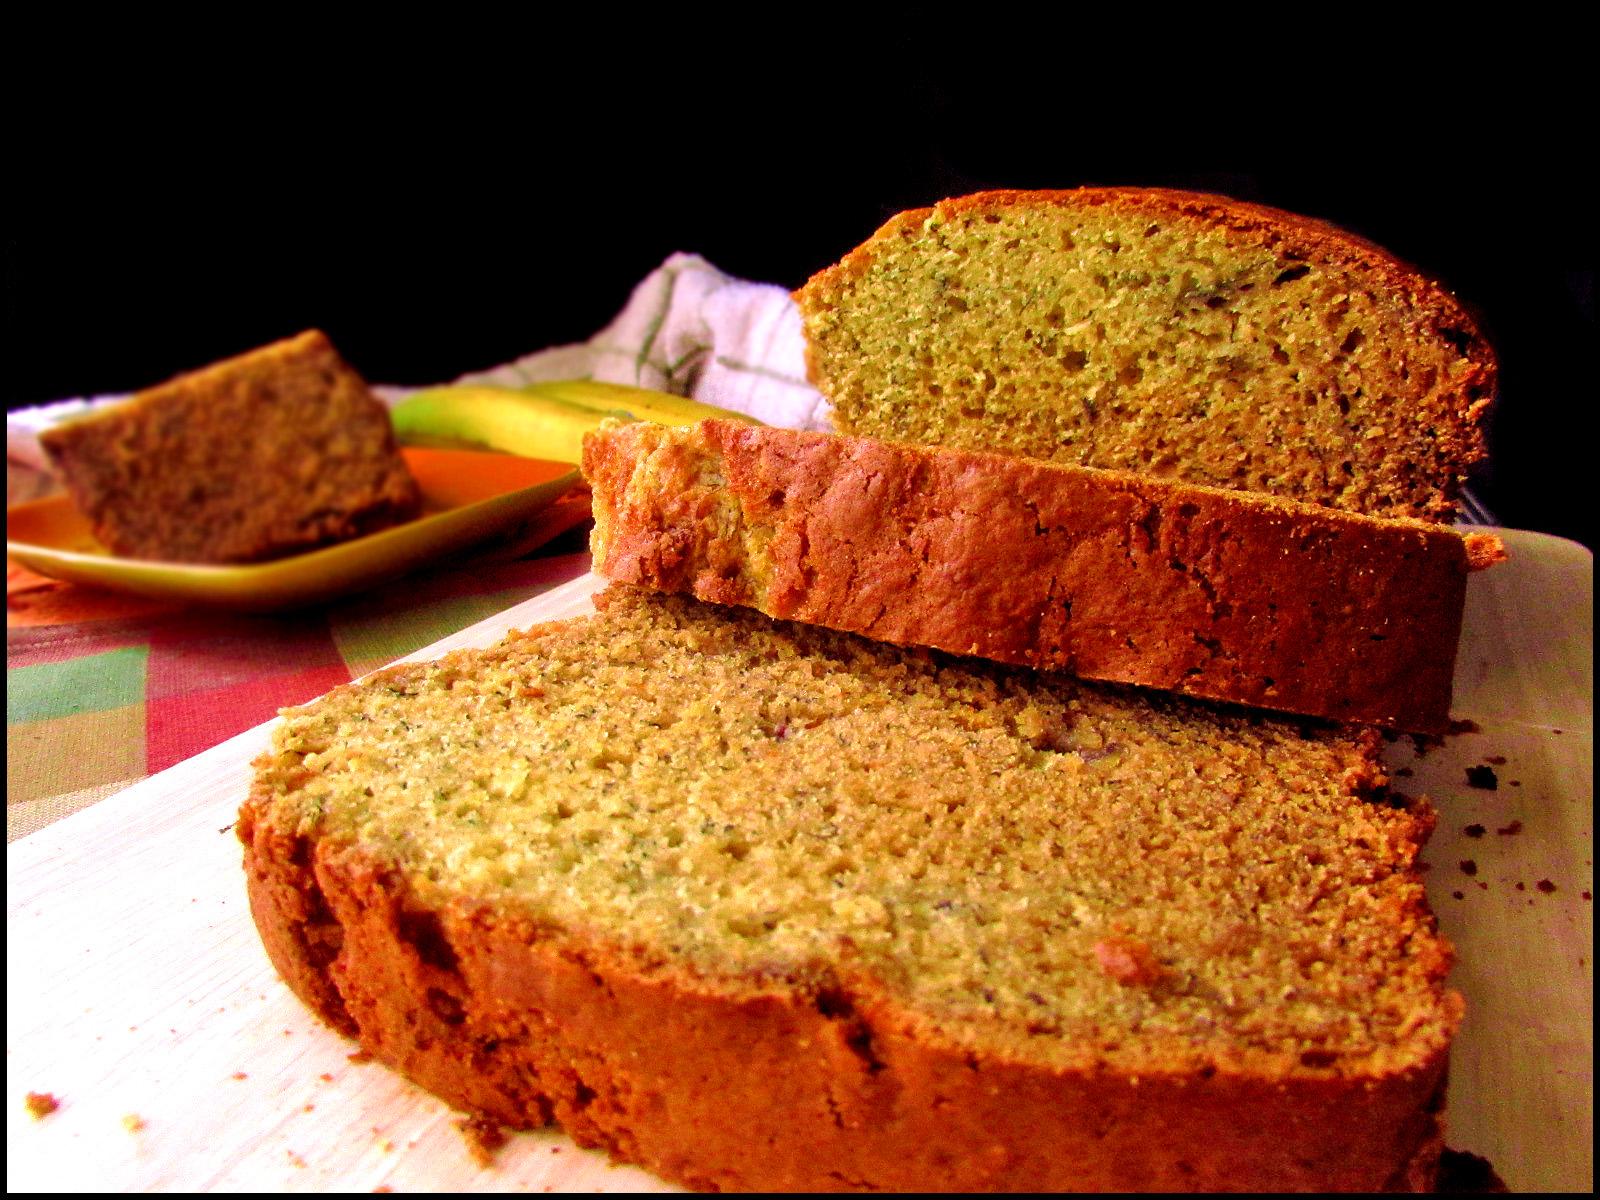 Orange Spice Banana Bread